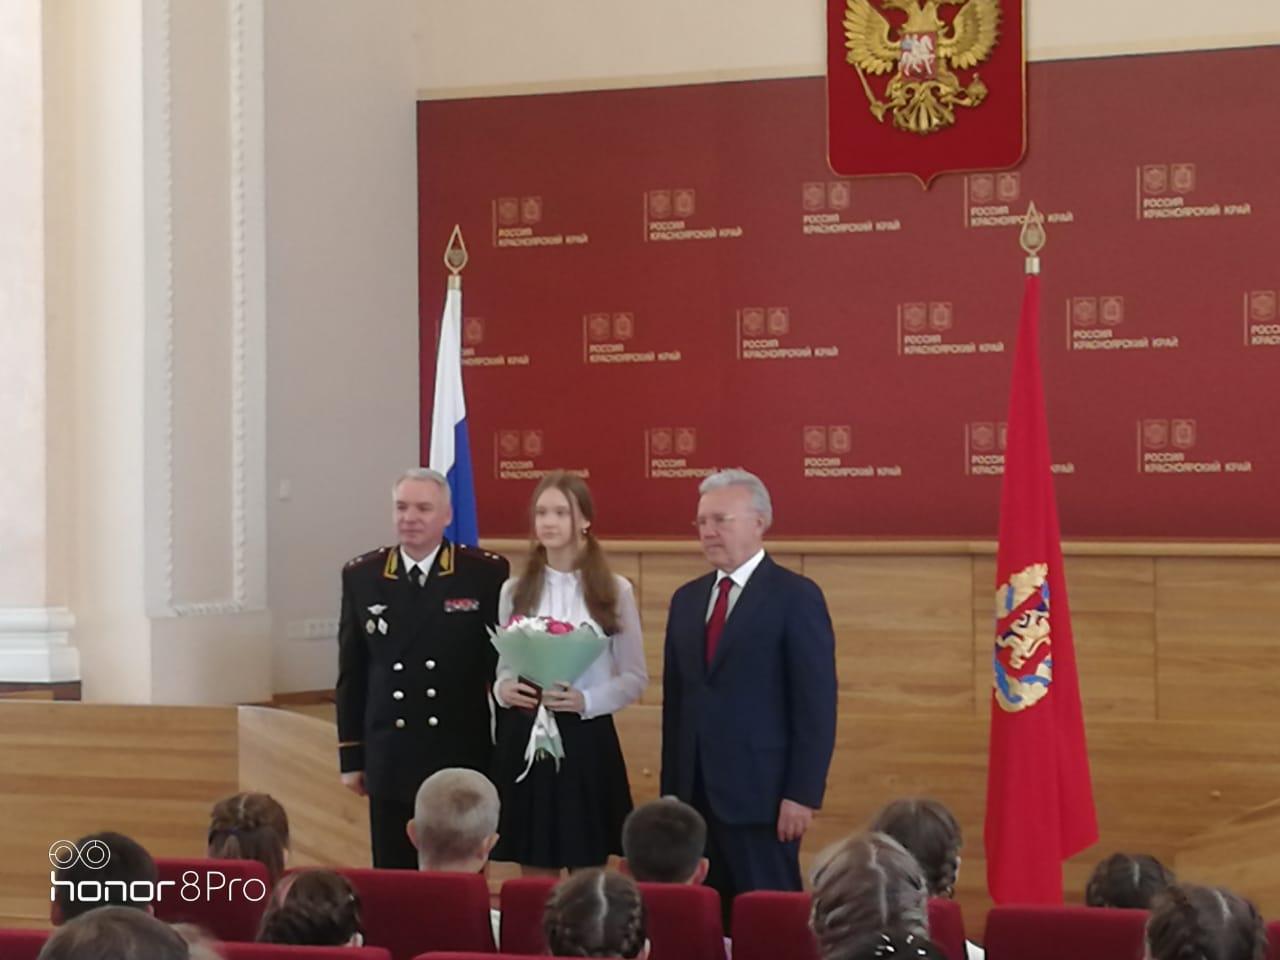 Вручение паспортов губернатором Красноярского края